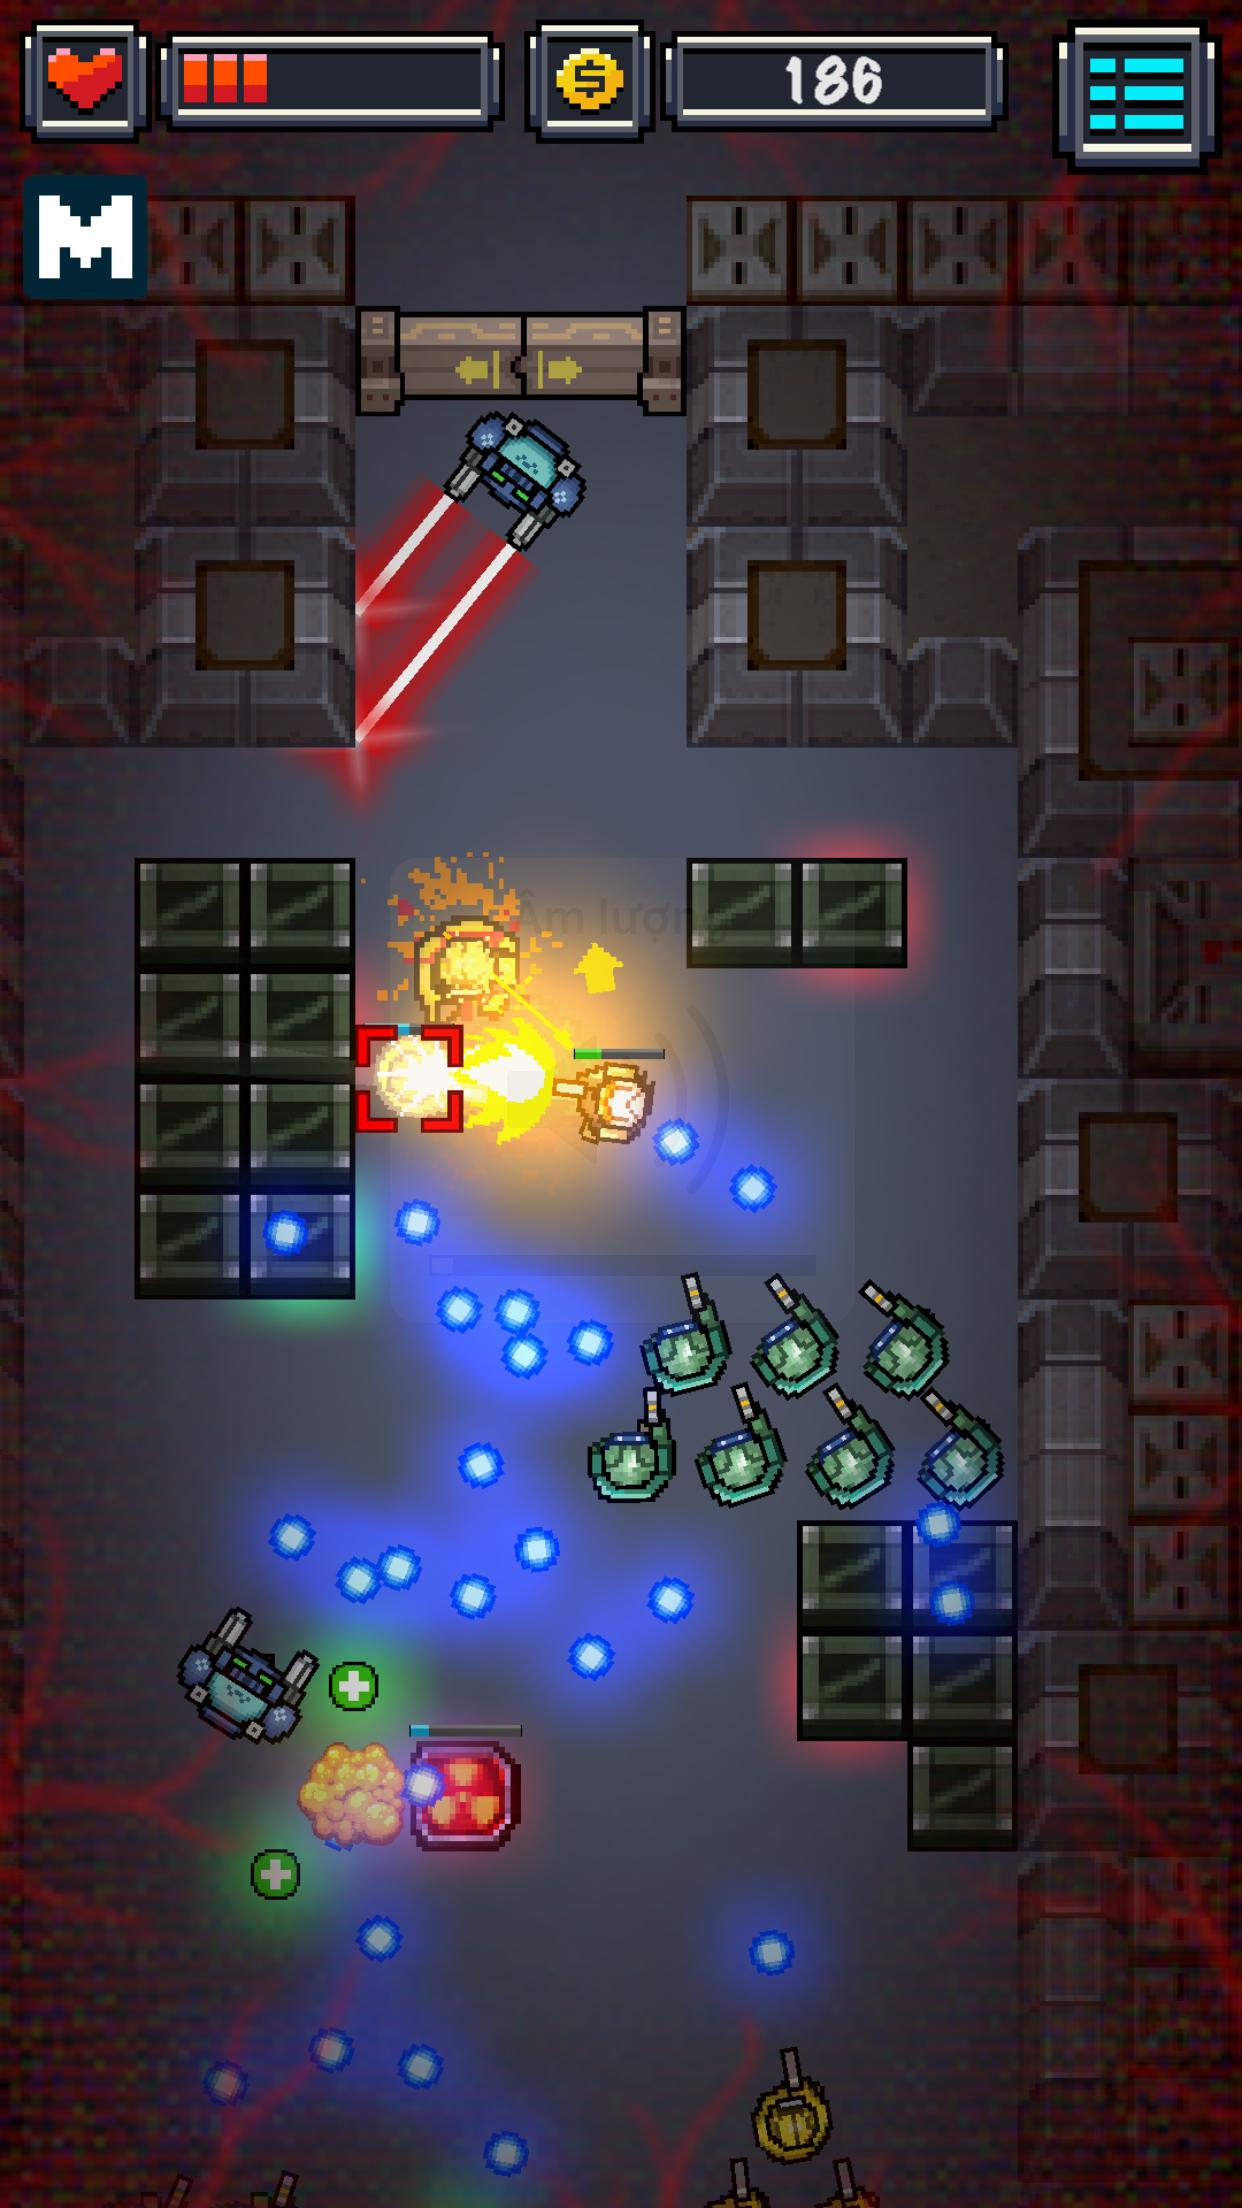 Strike Force - Arcade Shooter, Bomber, War Robots 1.2.5 Screenshot 8